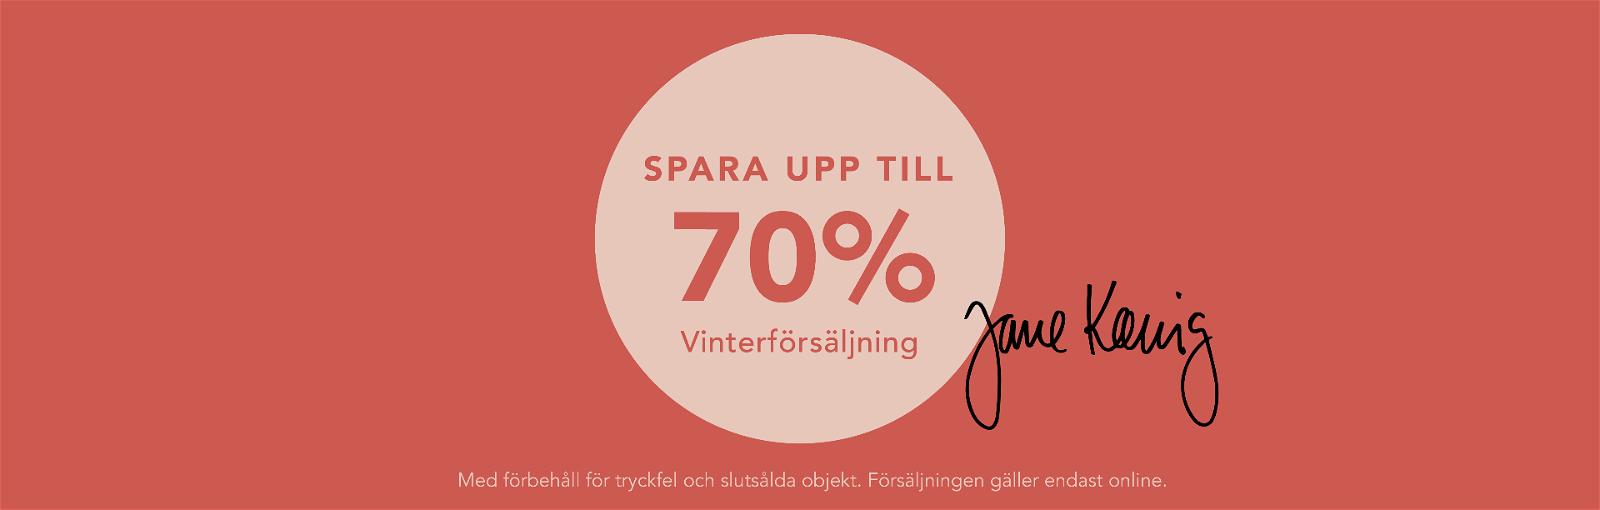 Jane Kønig Winter Sale 2020